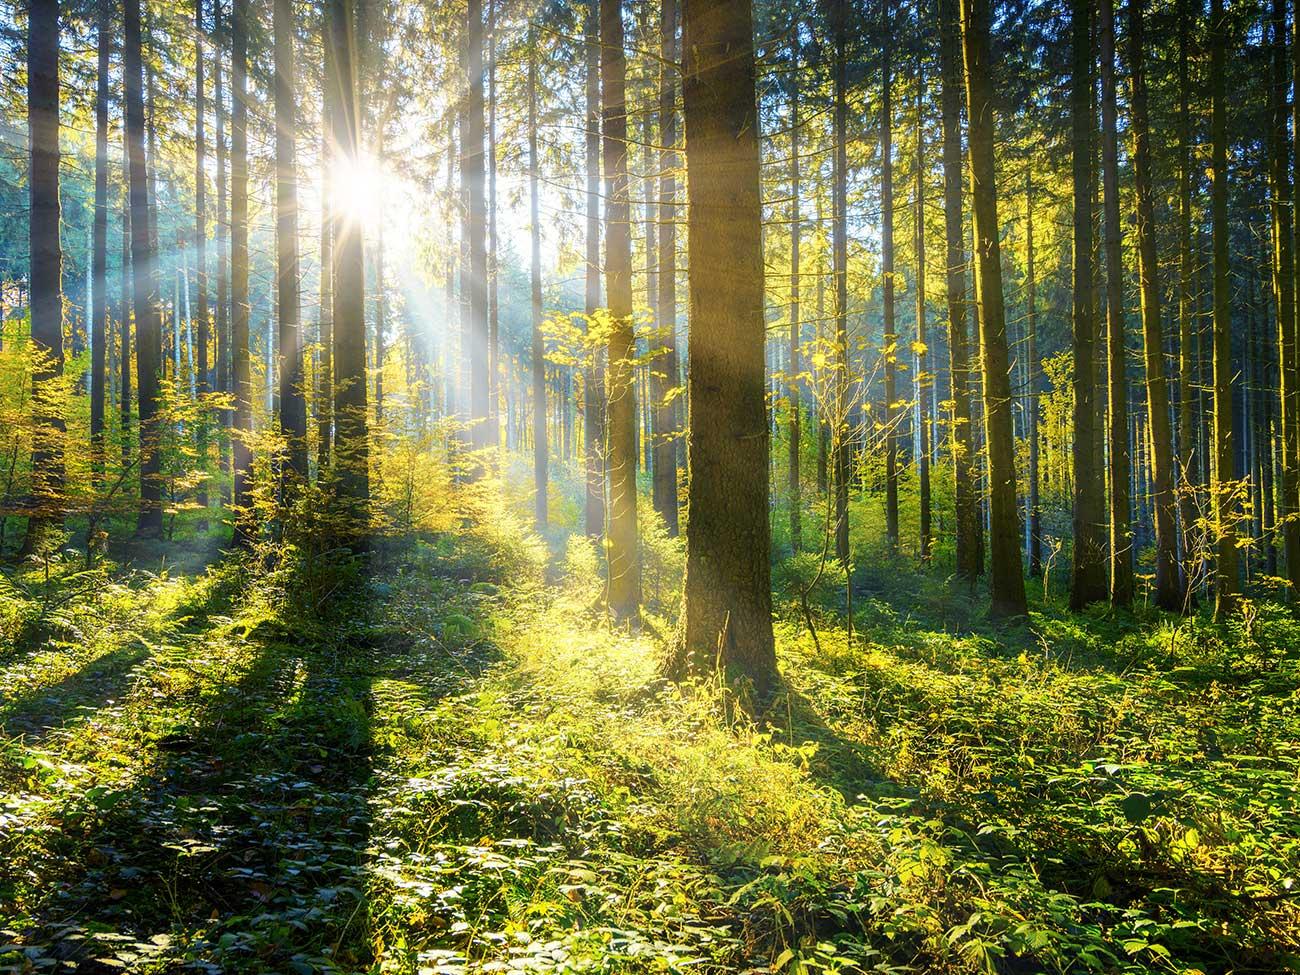 Gründer Wald mit Sonnenlicht